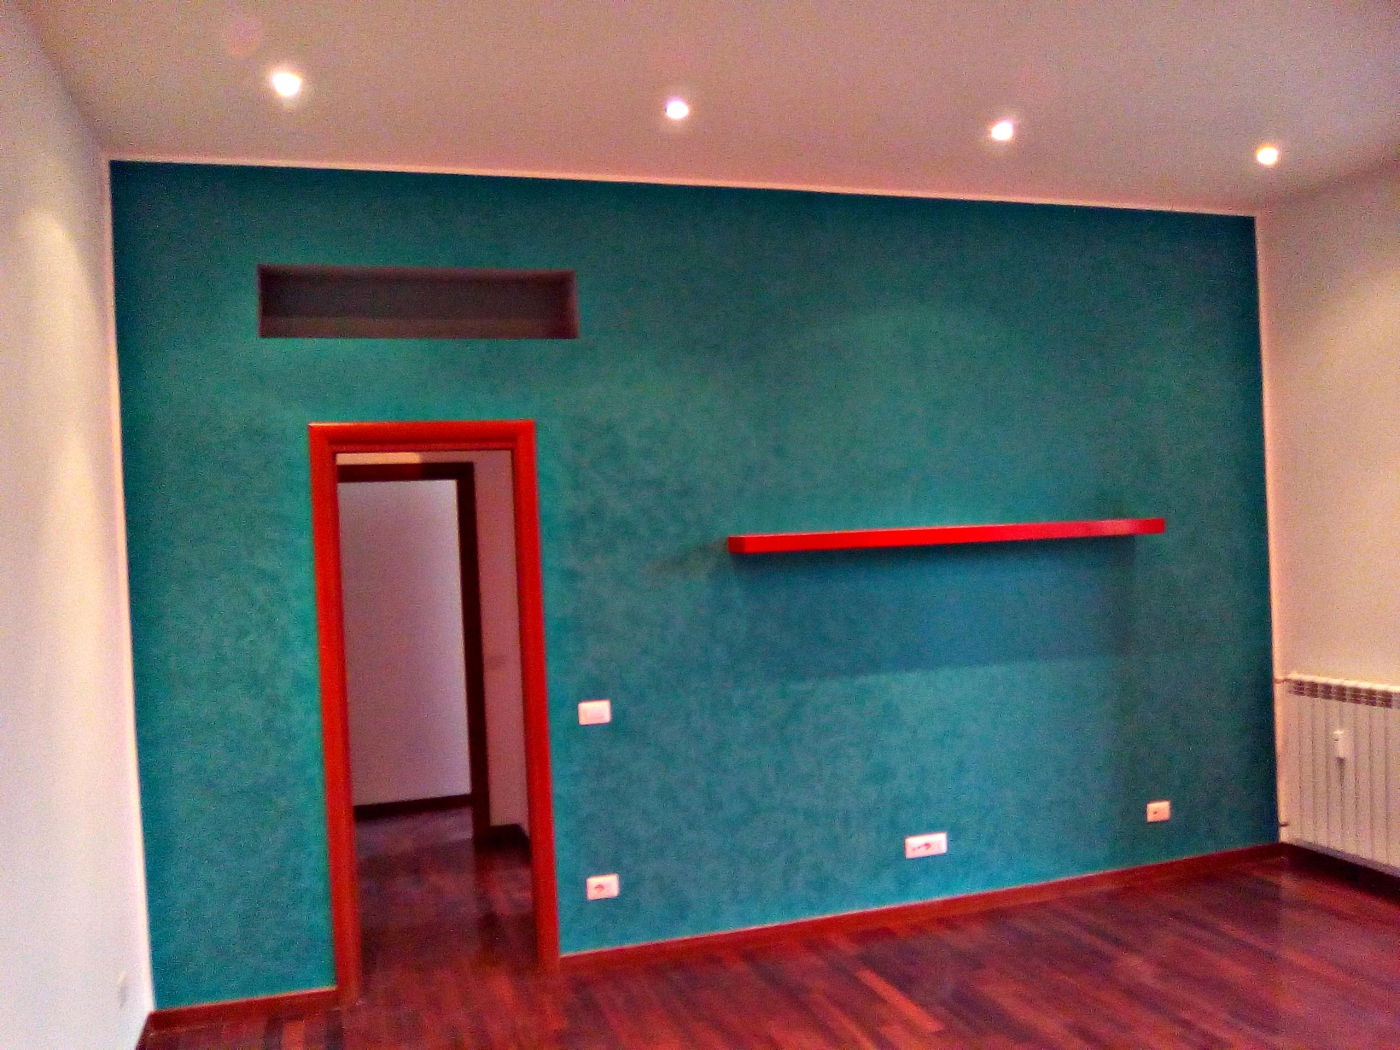 Costo tinteggiatura pareti al metro quadro preventivo - Costo ristrutturazione casa al metro quadro ...